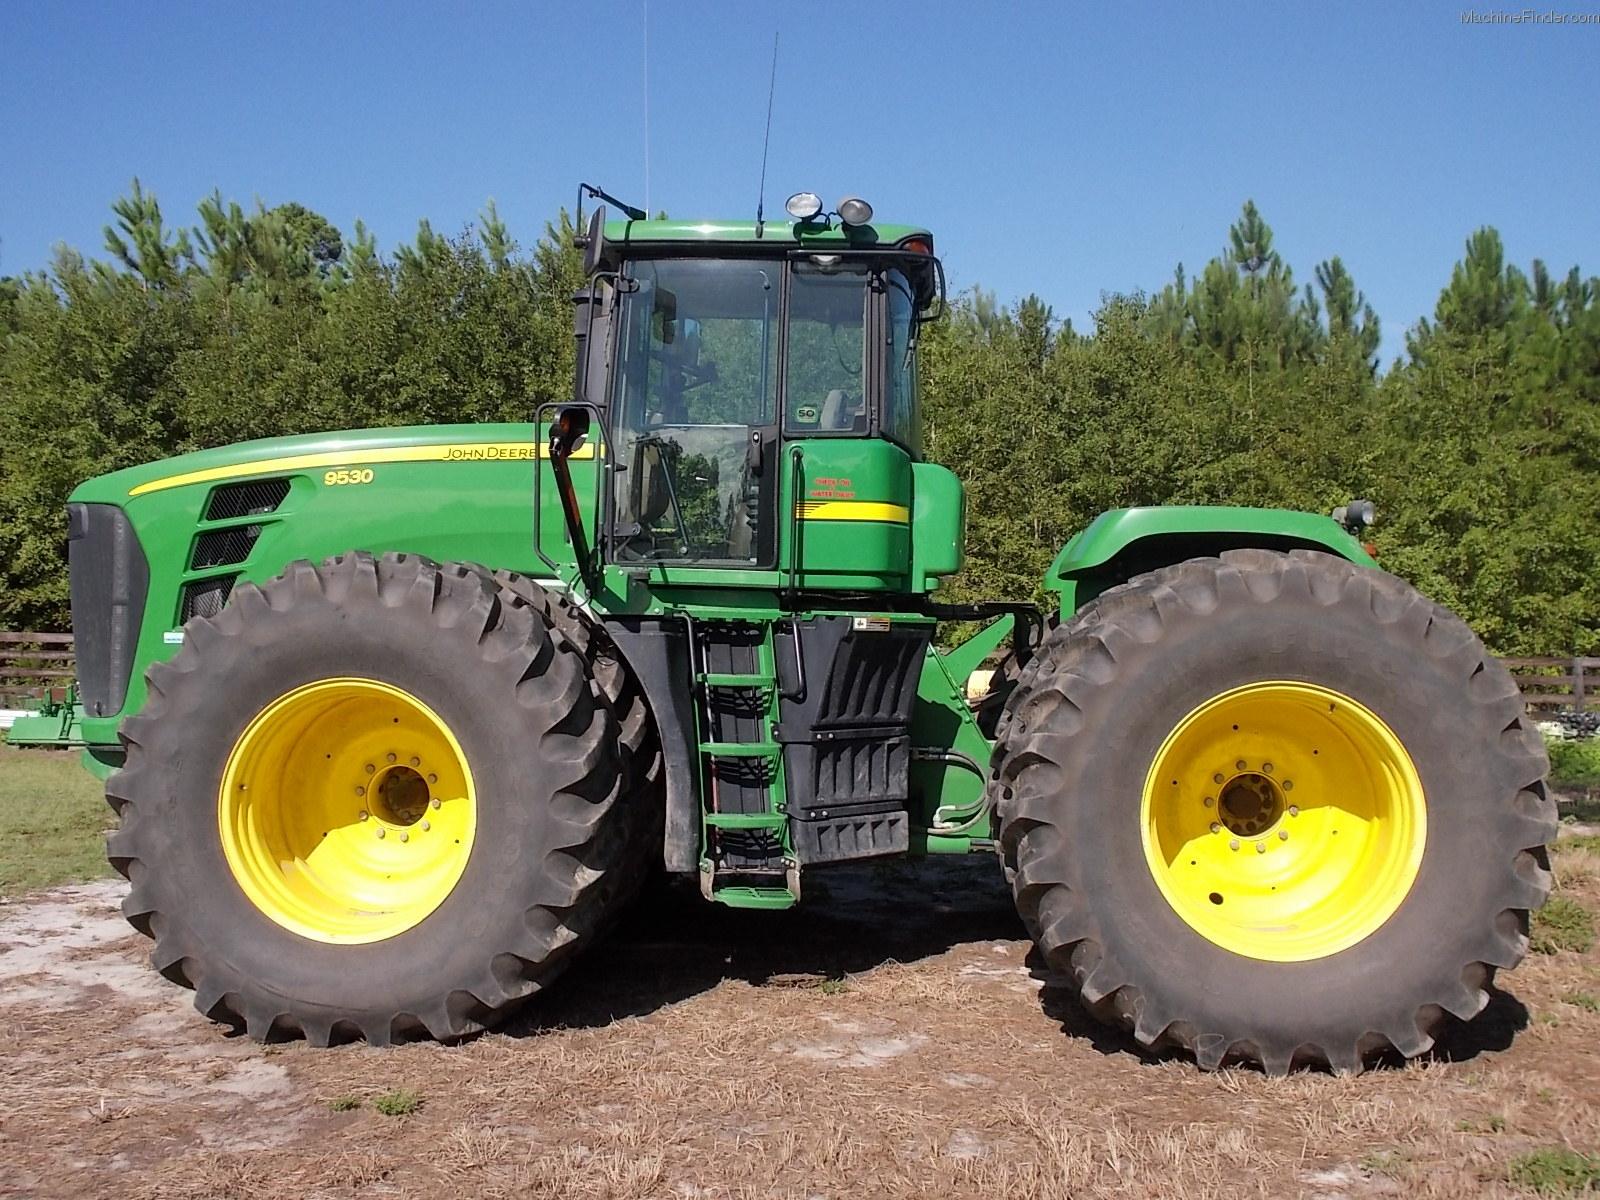 2009 John Deere 9530 Tractors - Articulated 4WD - John ...